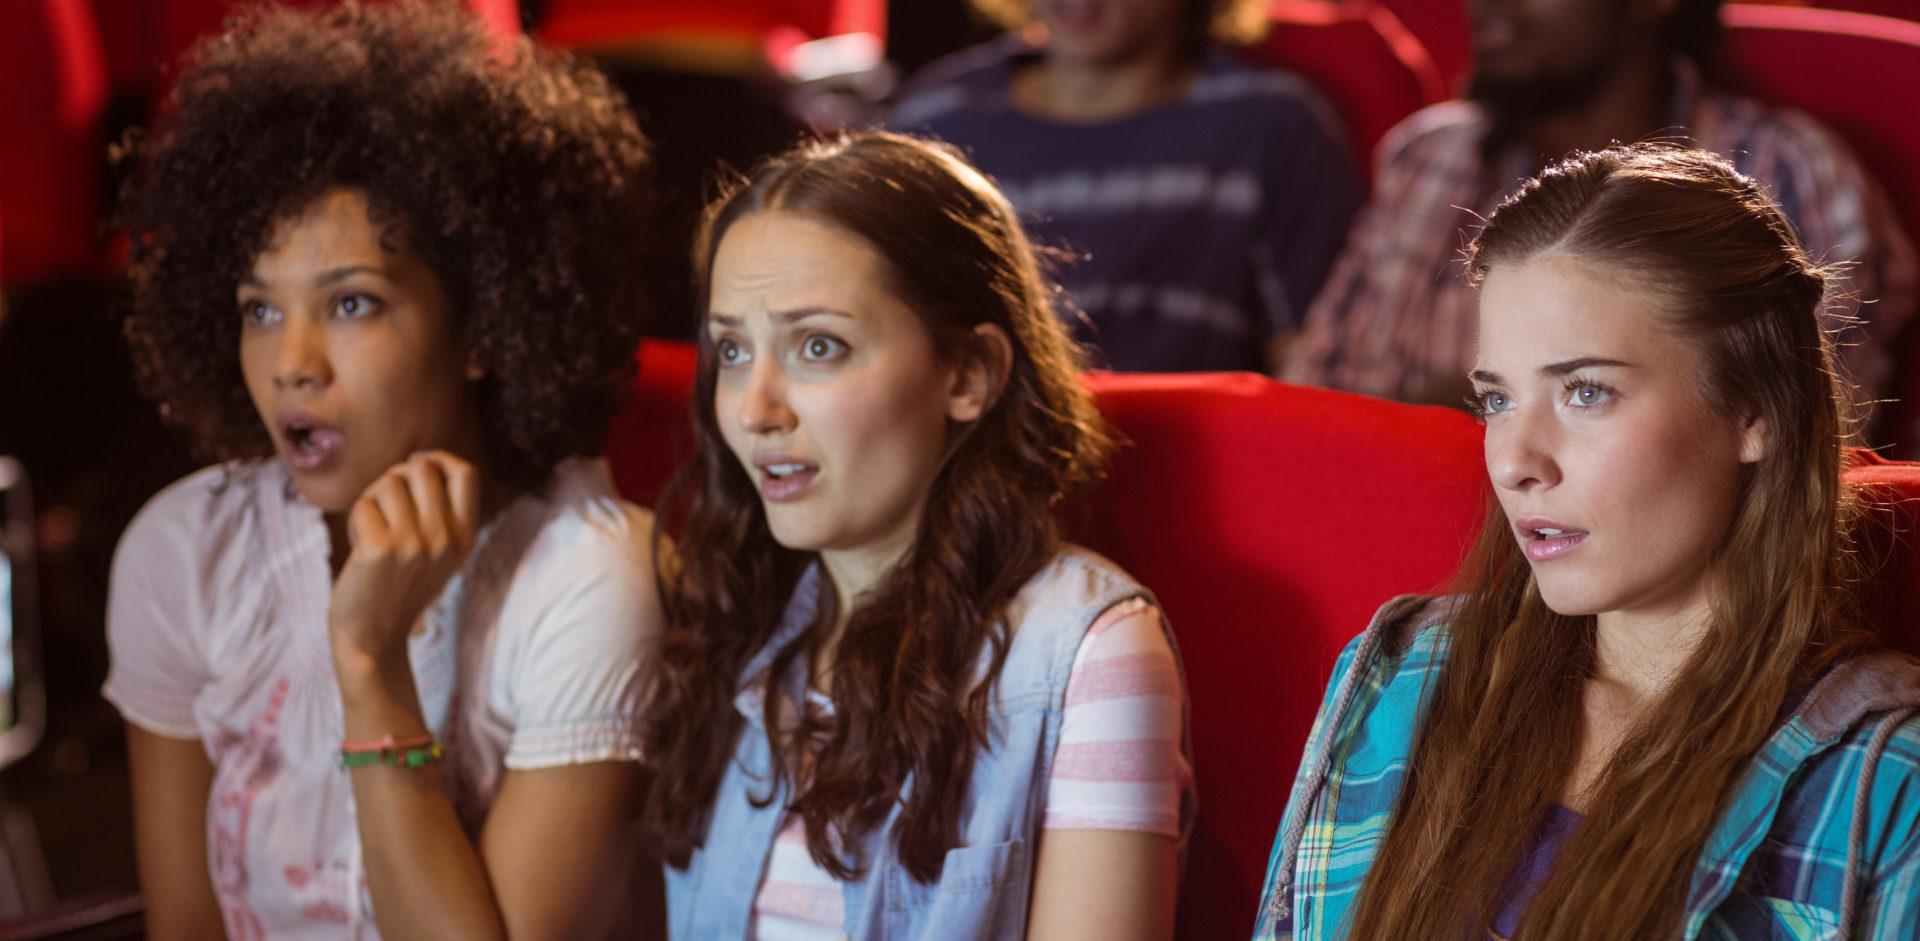 Filmes com heroínas mulheres